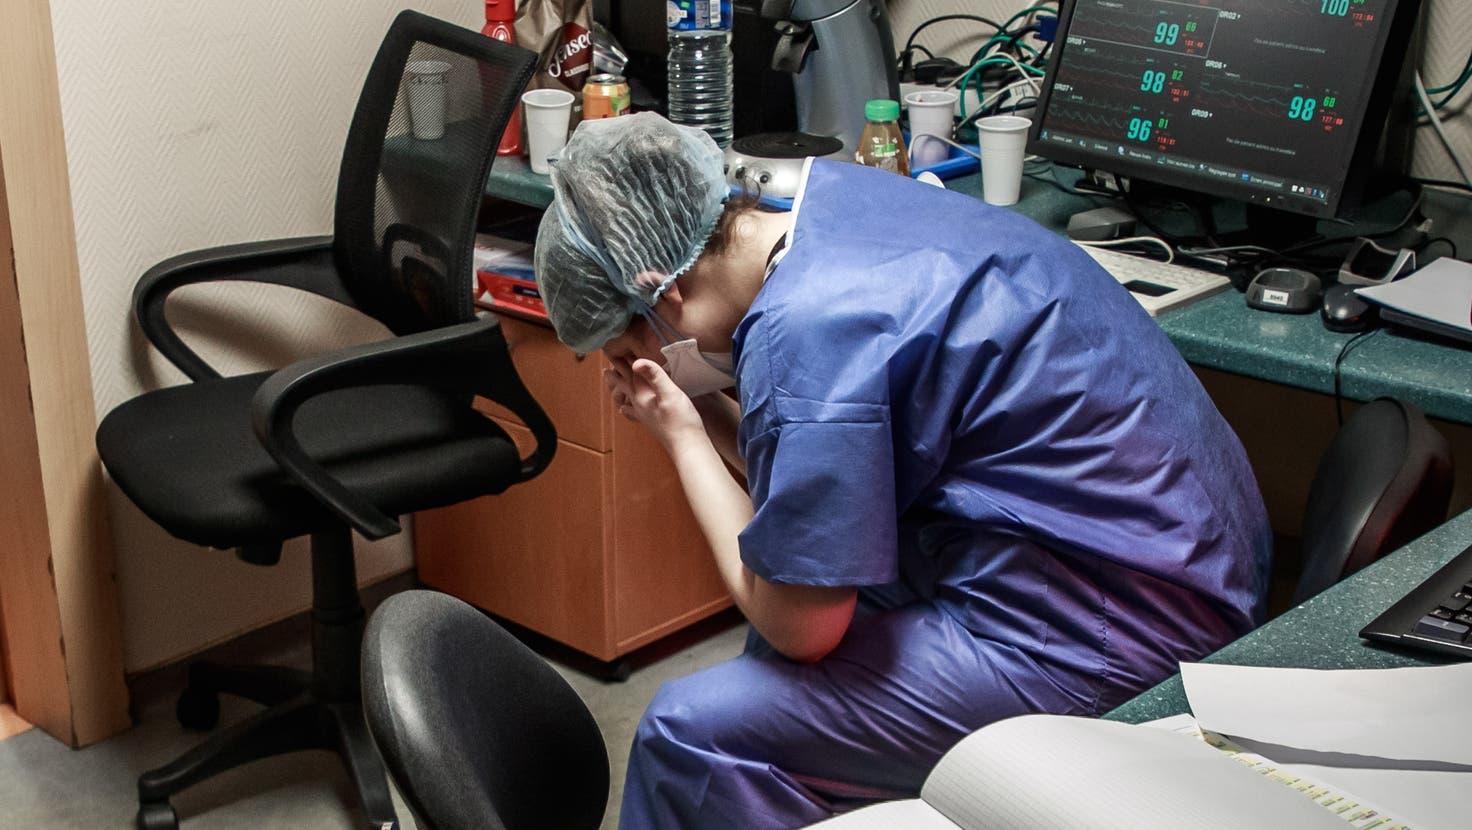 Müdigkeit und Erschöpfung gehören zu den häufigsten Long-Covid-Symptomen – auch beim Gesundheitspersonal. (Symbolbild) (Bild: Keystone)